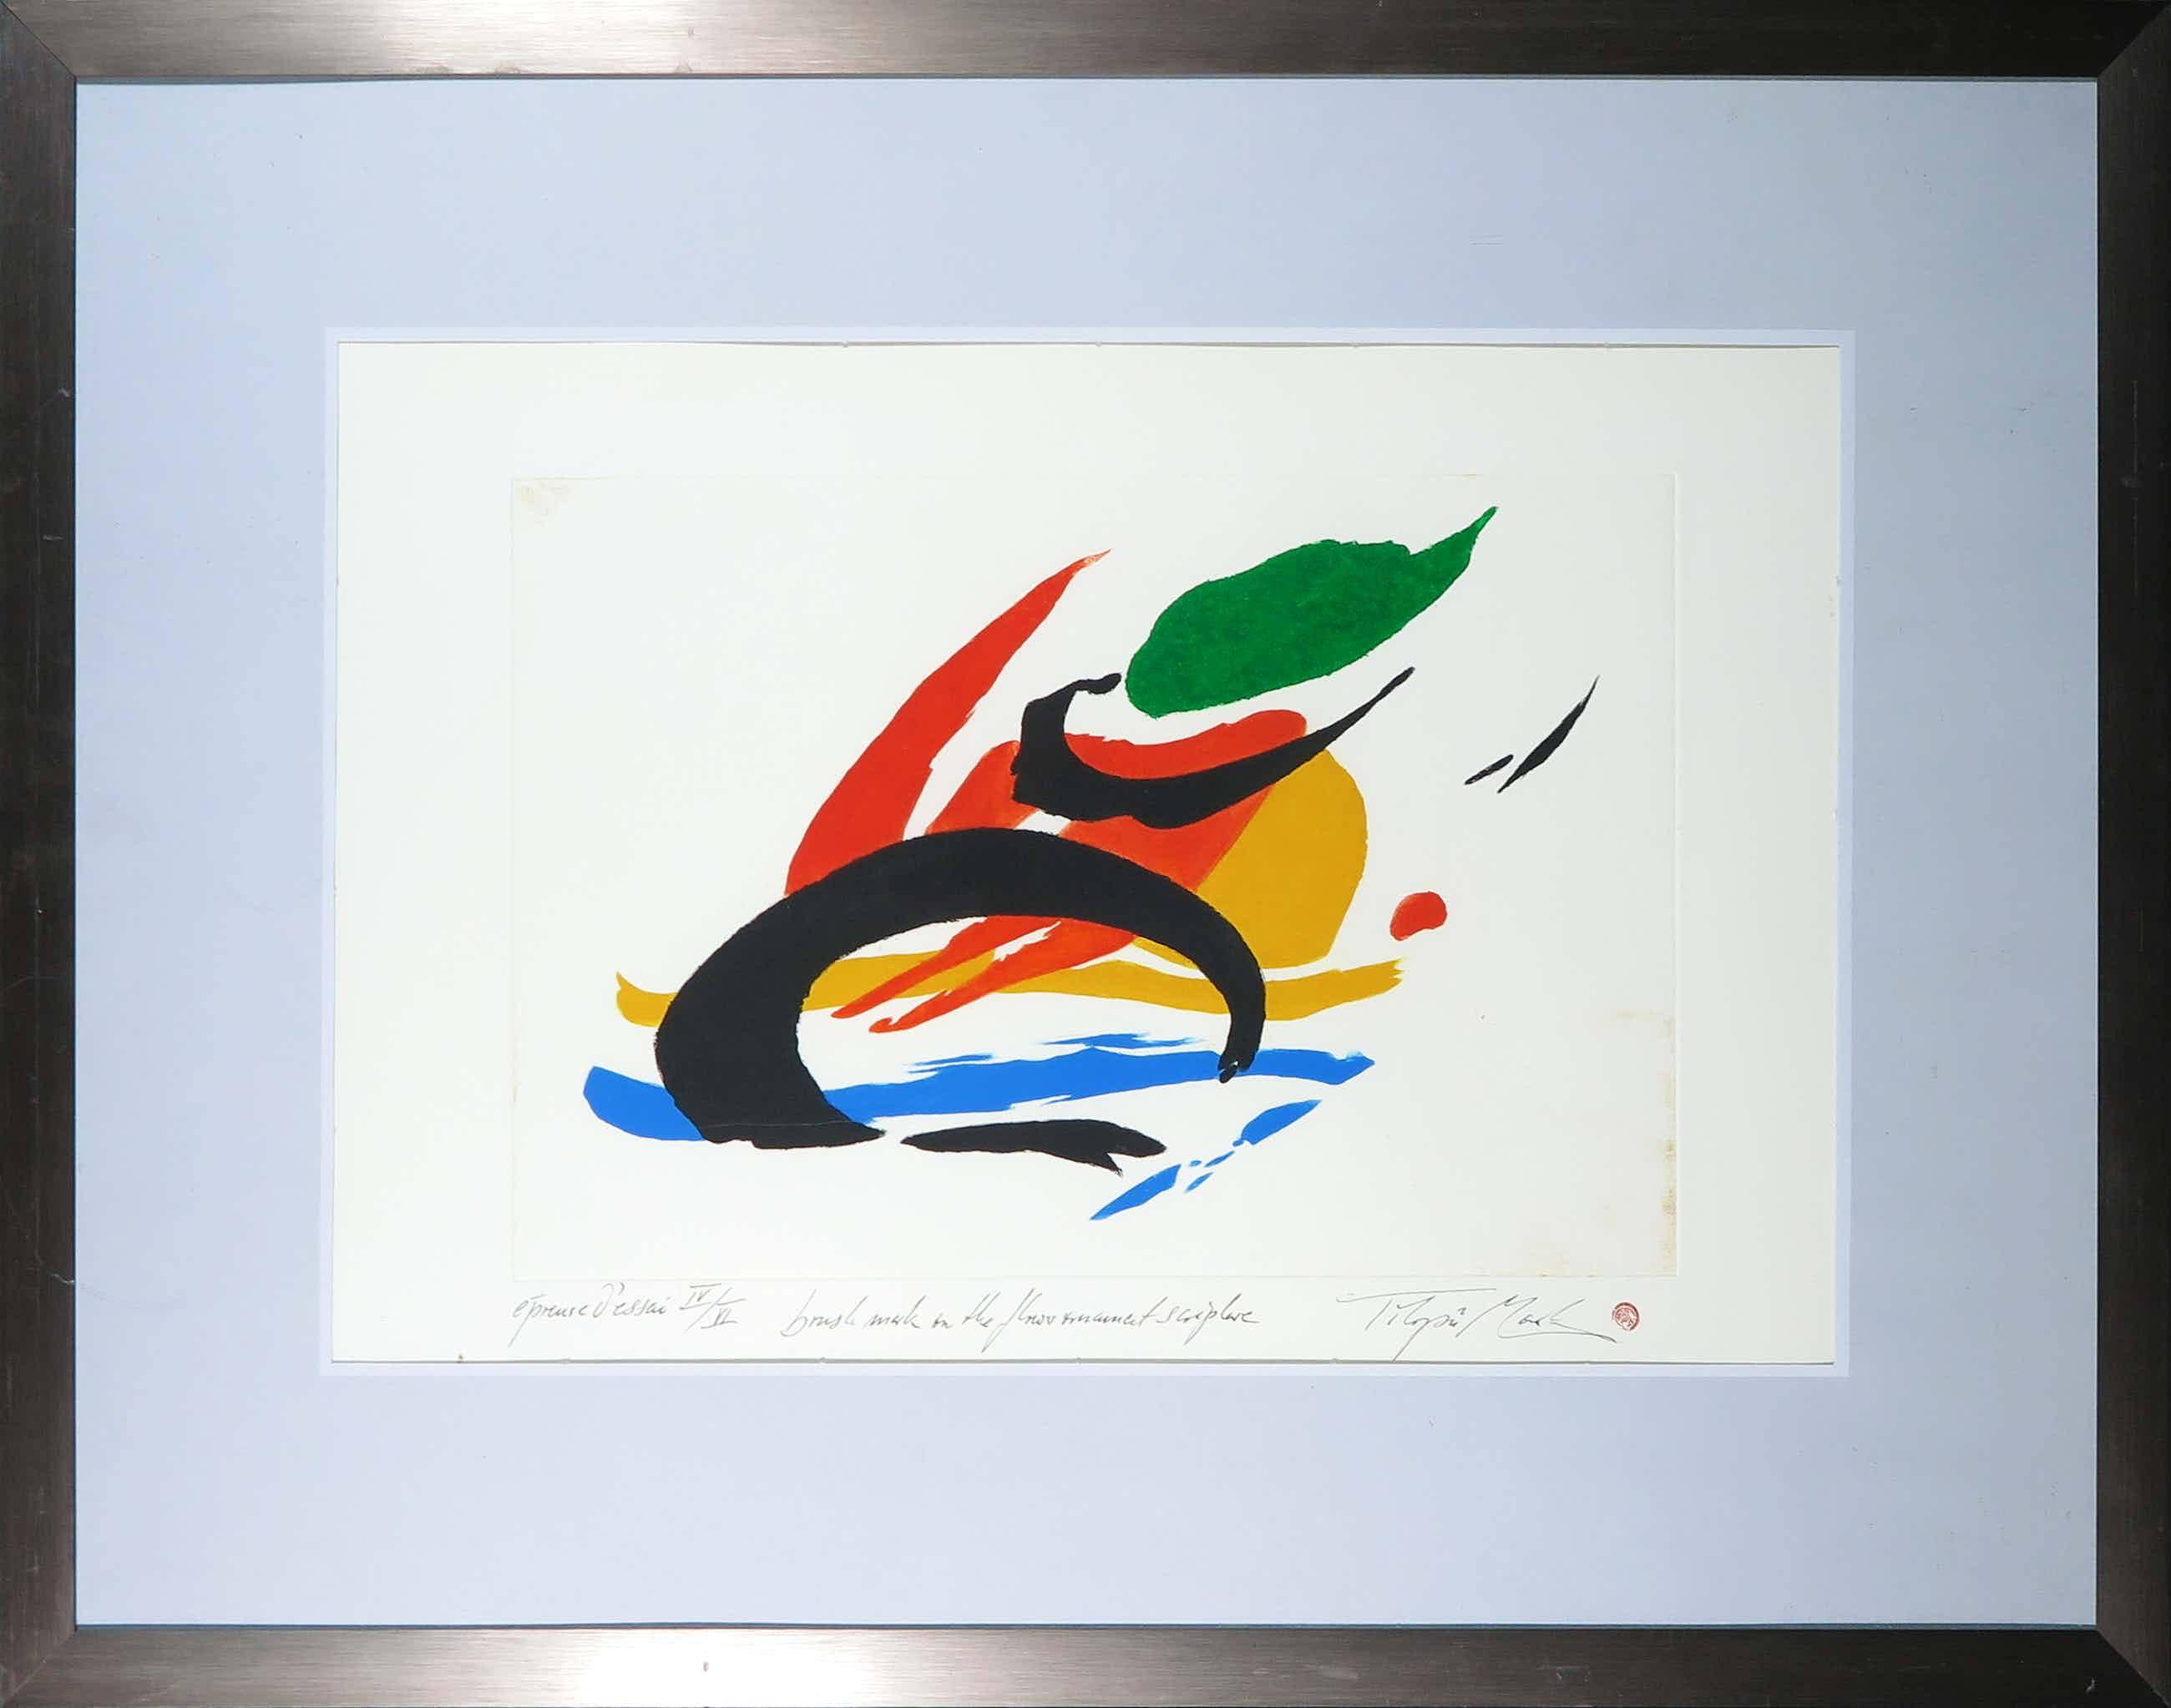 Tilopa Monk - Kleurenets, Abstracte compositie - Ingelijst kopen? Bied vanaf 40!